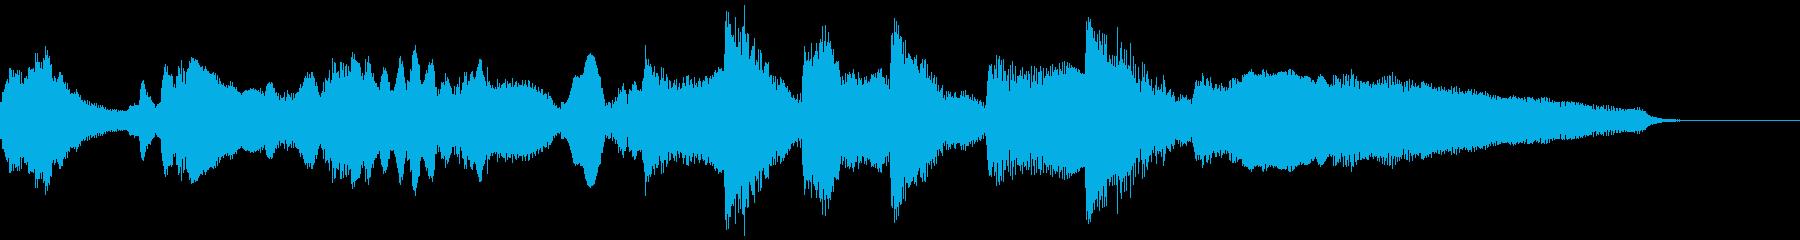 ピアノとチェロのジングル・アイキャッチの再生済みの波形